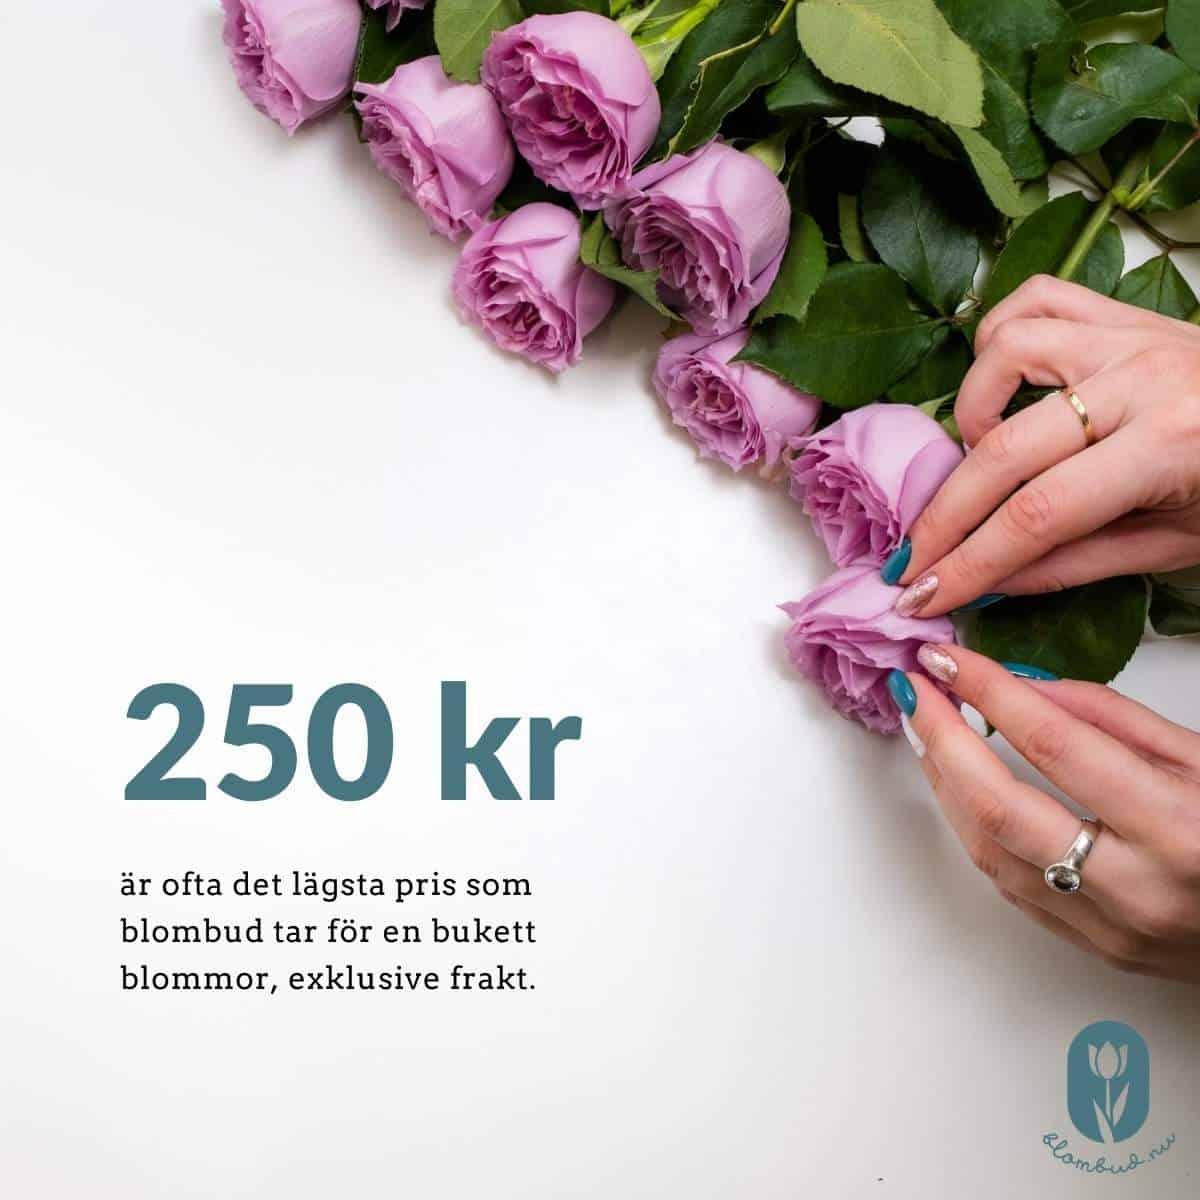 250 kr är ofta det lägsta pris som blombud tar för en bukett blommor exklusive frakt.